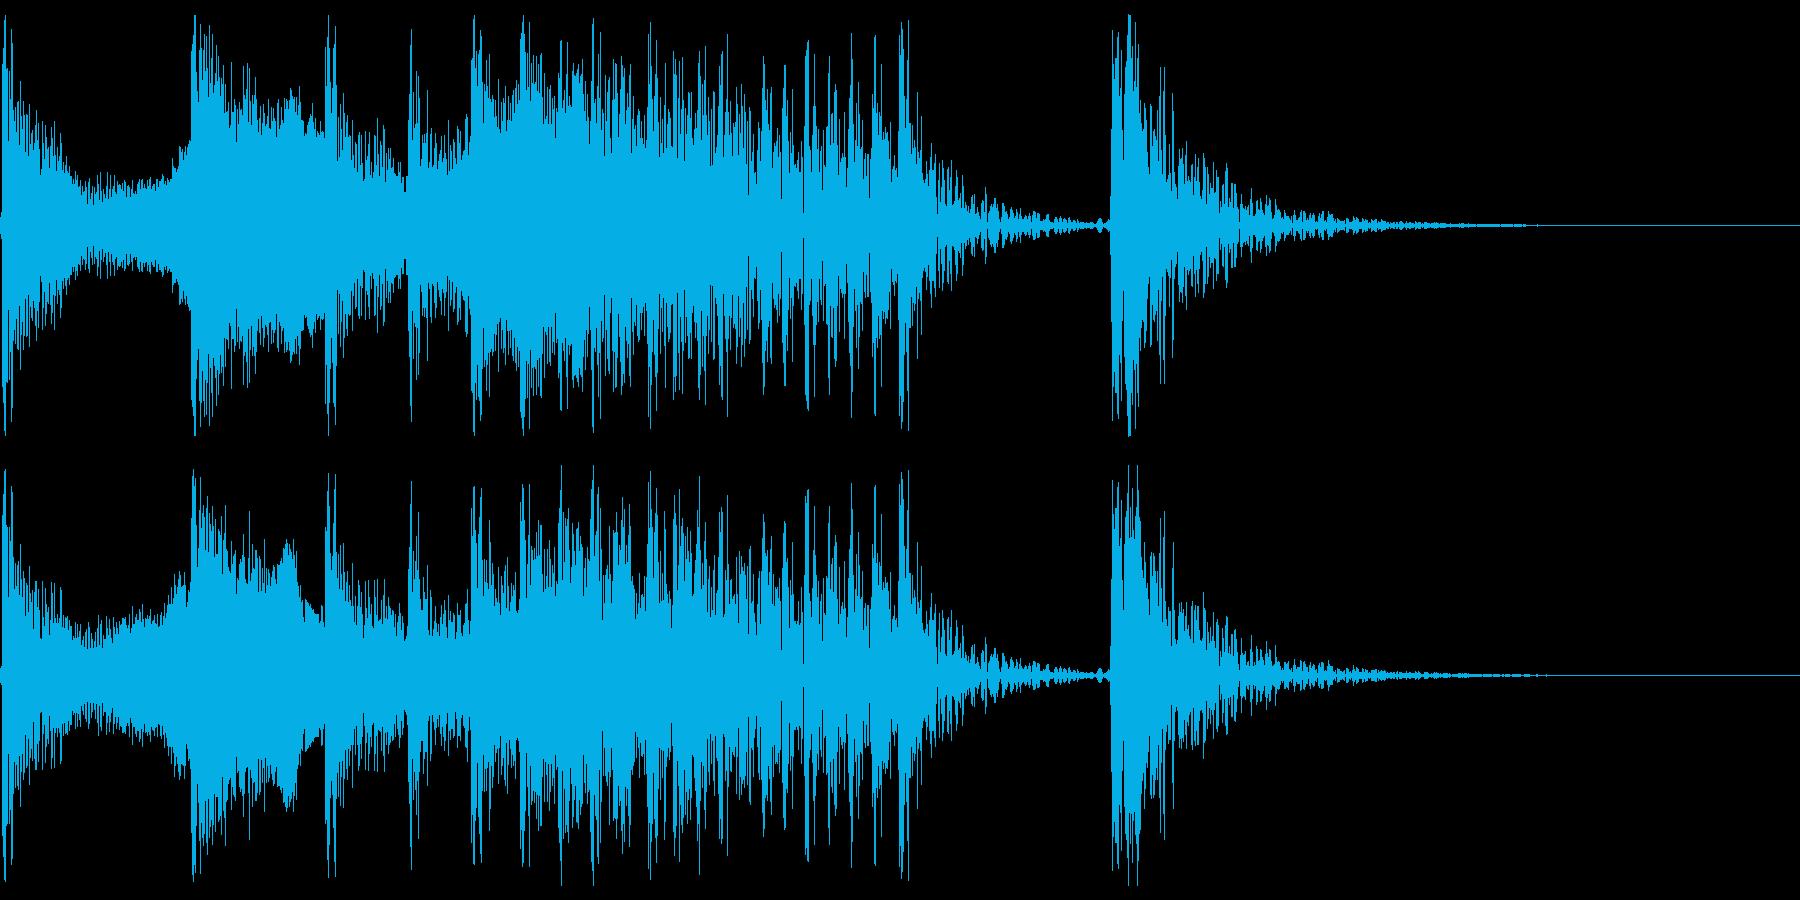 これぞ和風1(尺八、和太鼓)の再生済みの波形